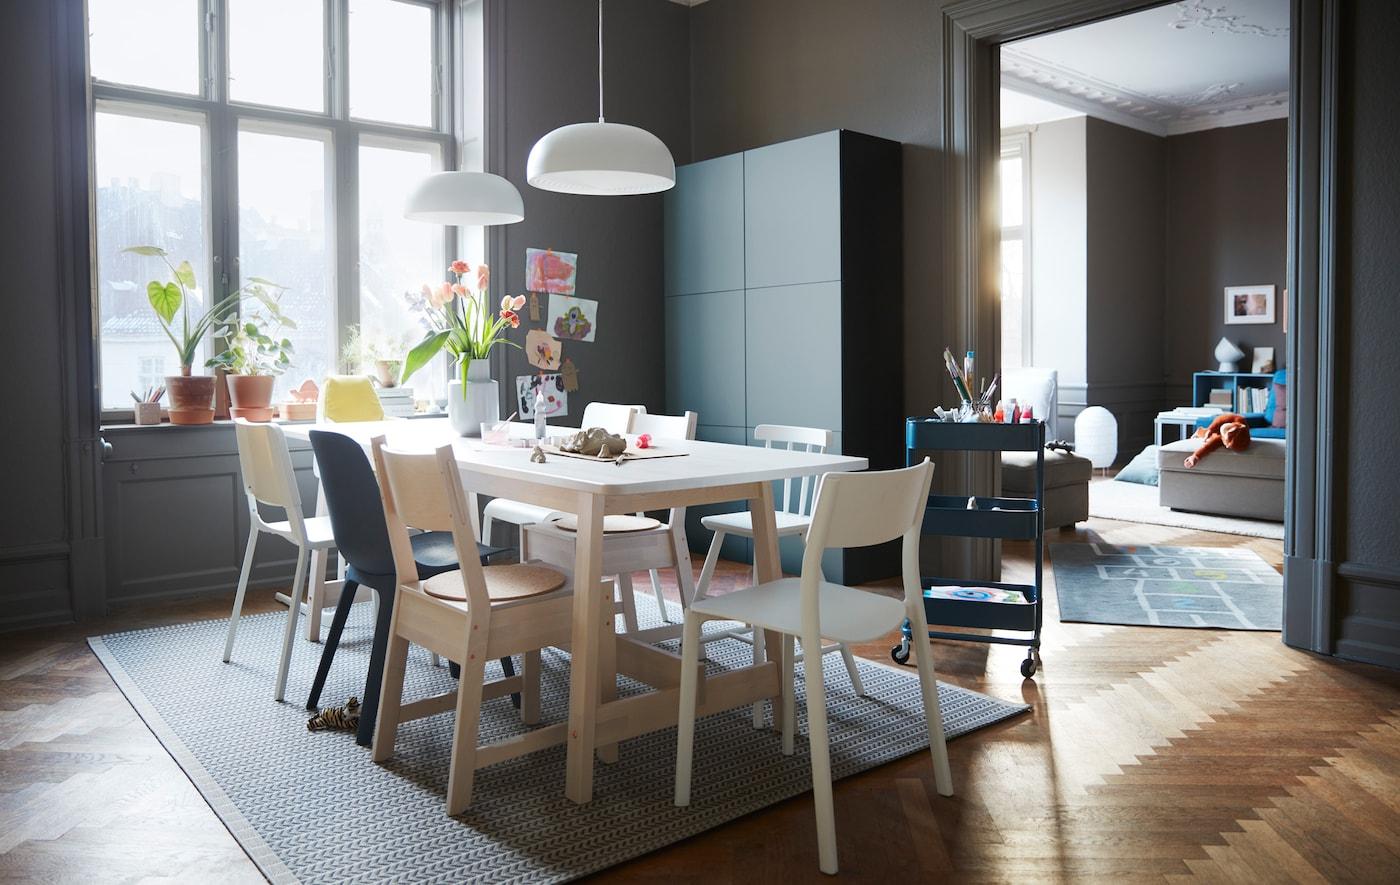 غرفة طعام مع كراسي متعددة الألوان حول طاولة مغطاة بالأبيض وتشكيلة تخزين BESTÅ من ايكيا بلون رمادي/فيروزي.